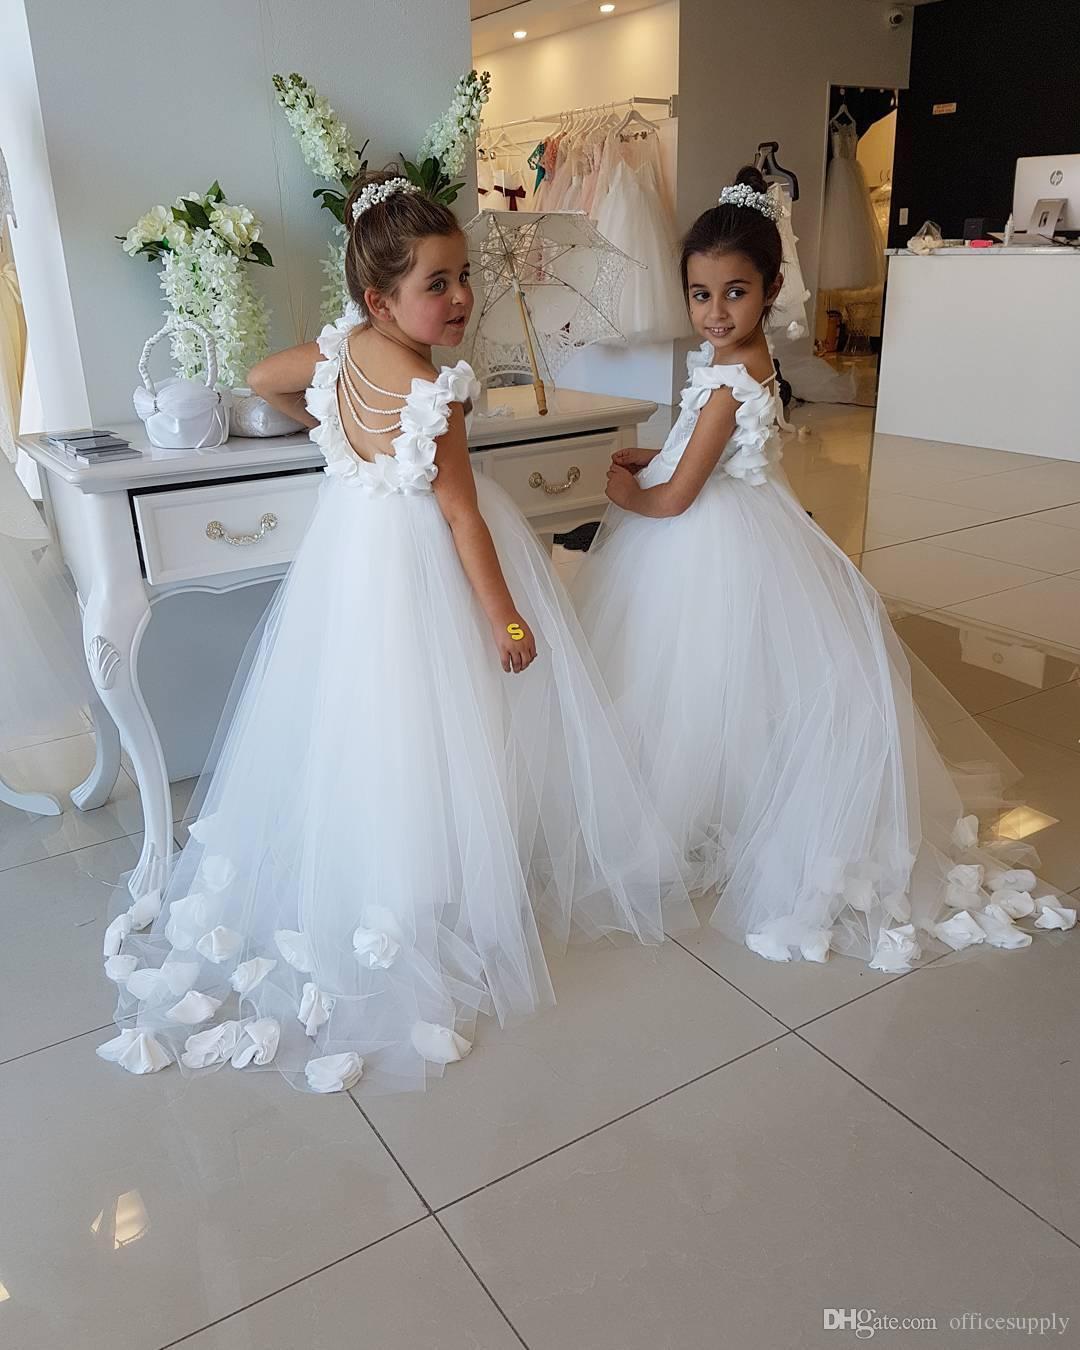 2019 Vestidos de flores para bodas Scoop Ruffles Lace Tulle Pearls Backless Princesa Niños Boda Cumpleaños Fiesta